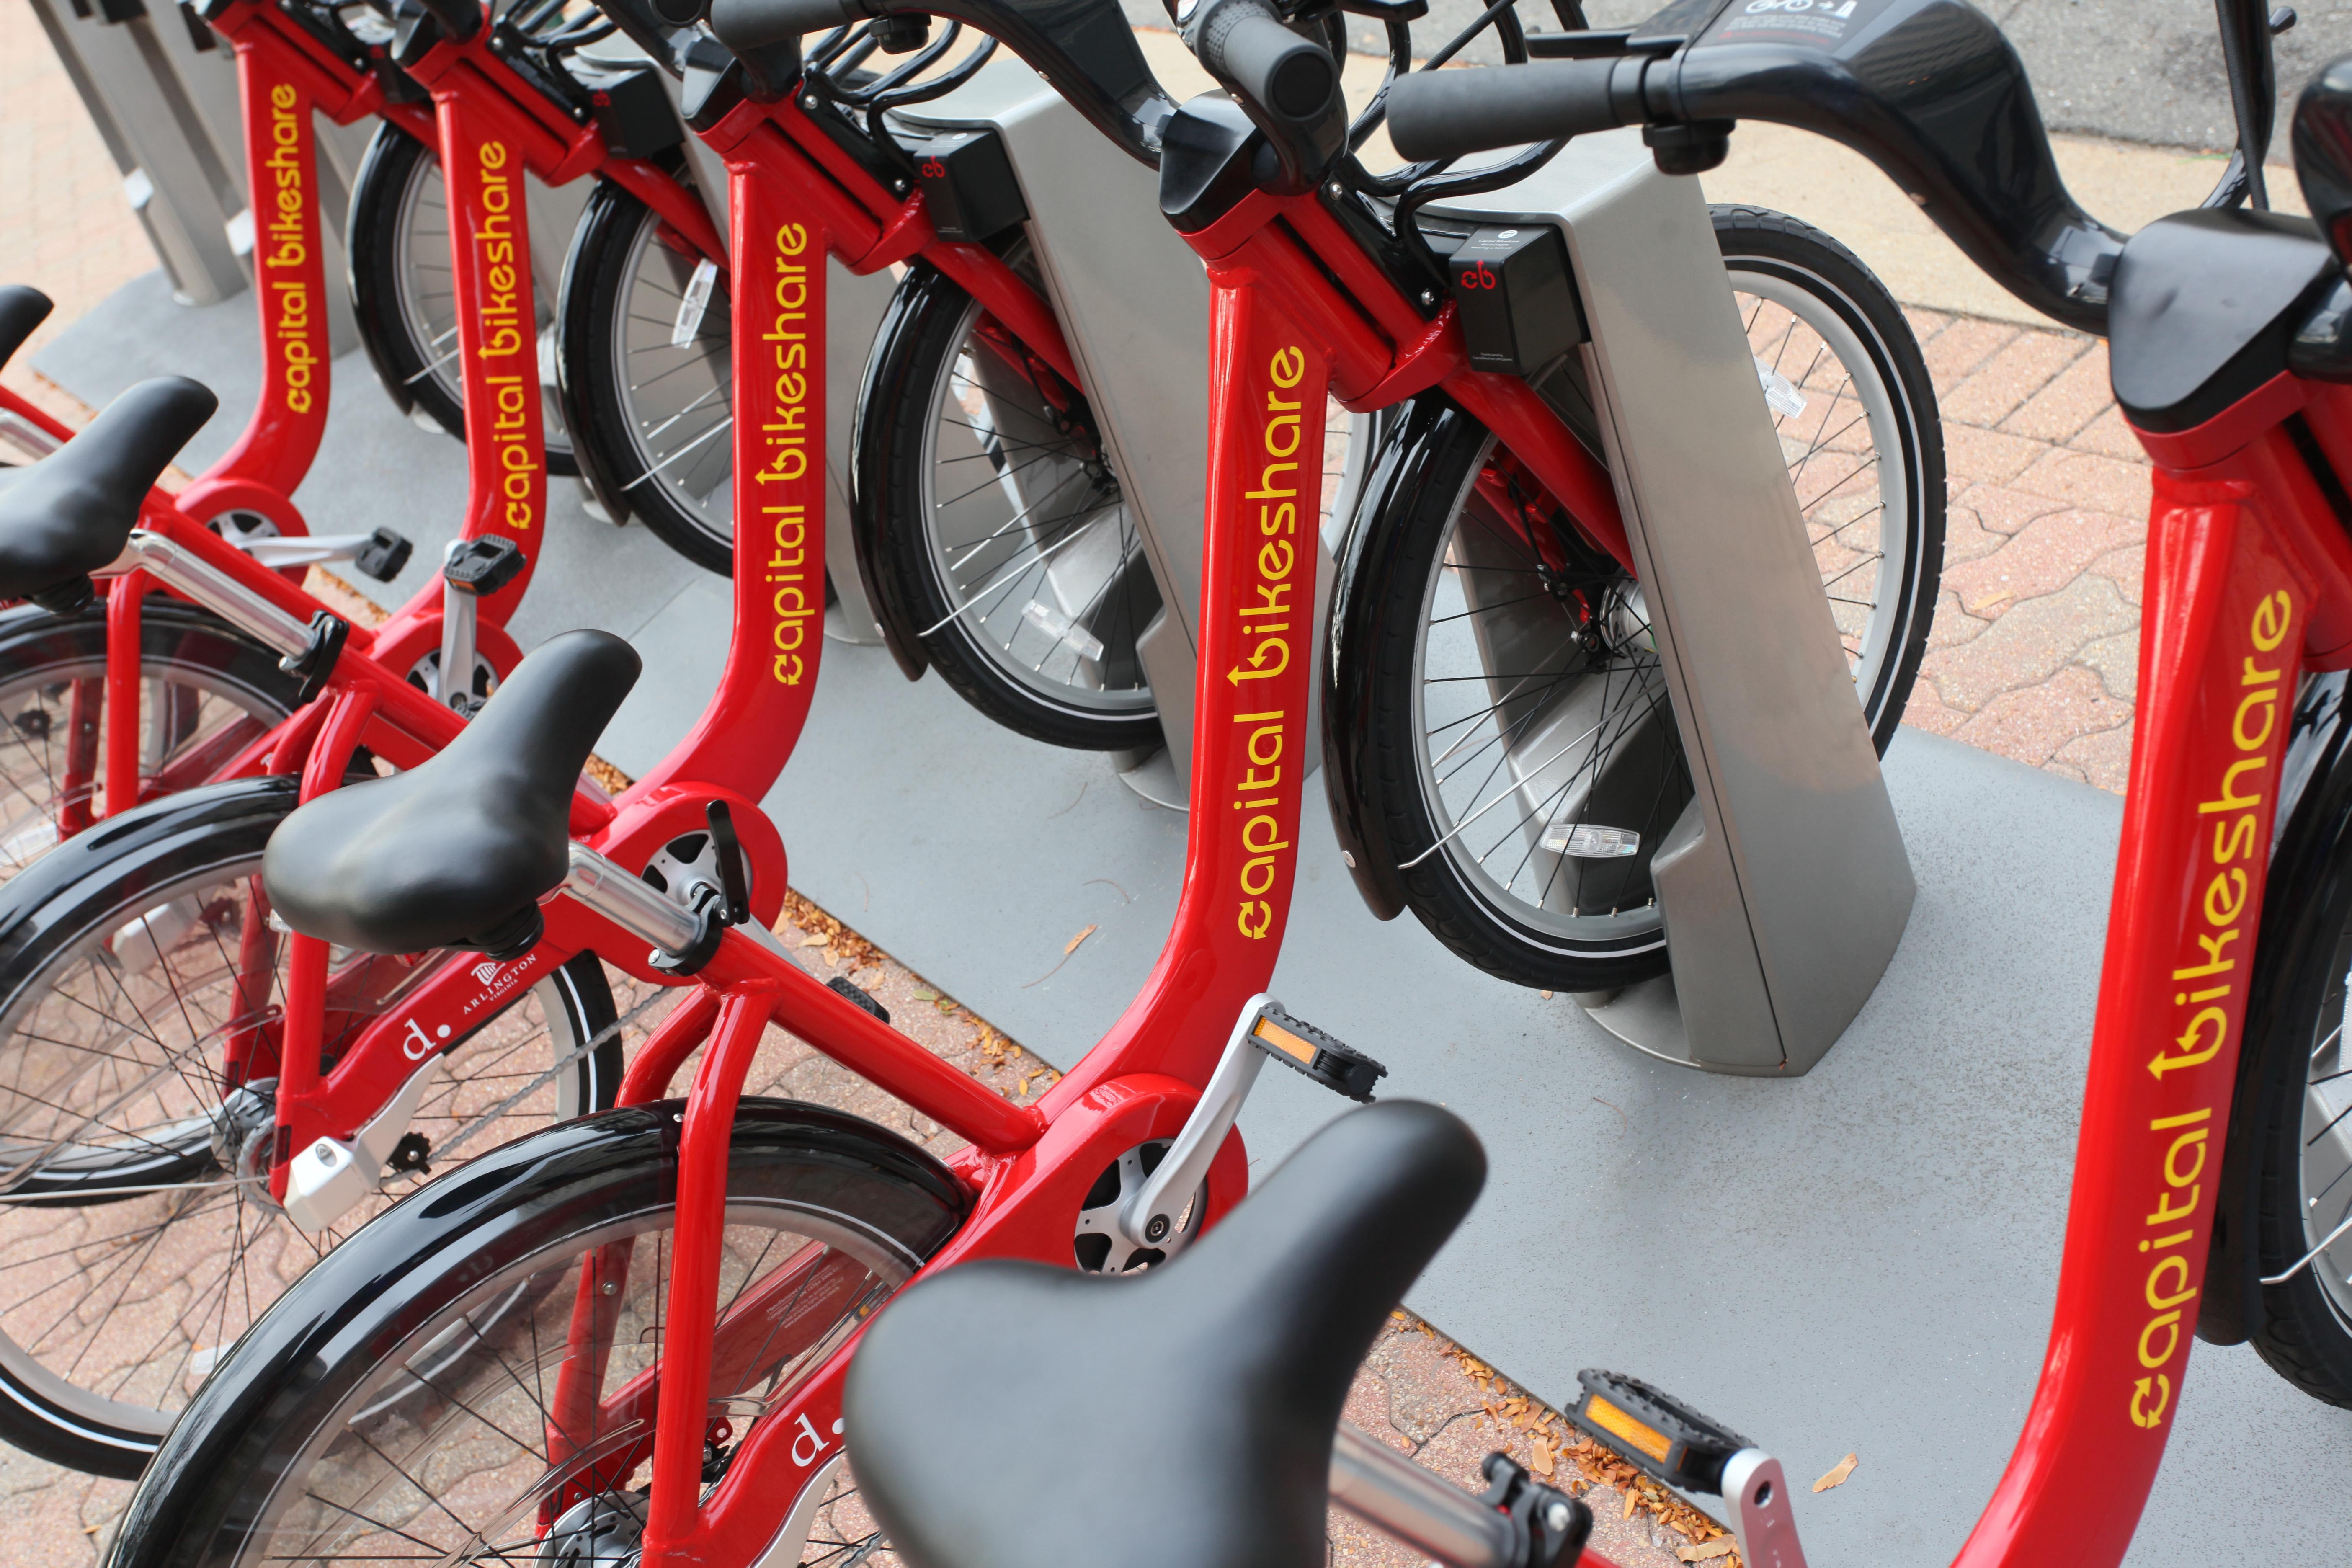 Capital Bikeshare bikes